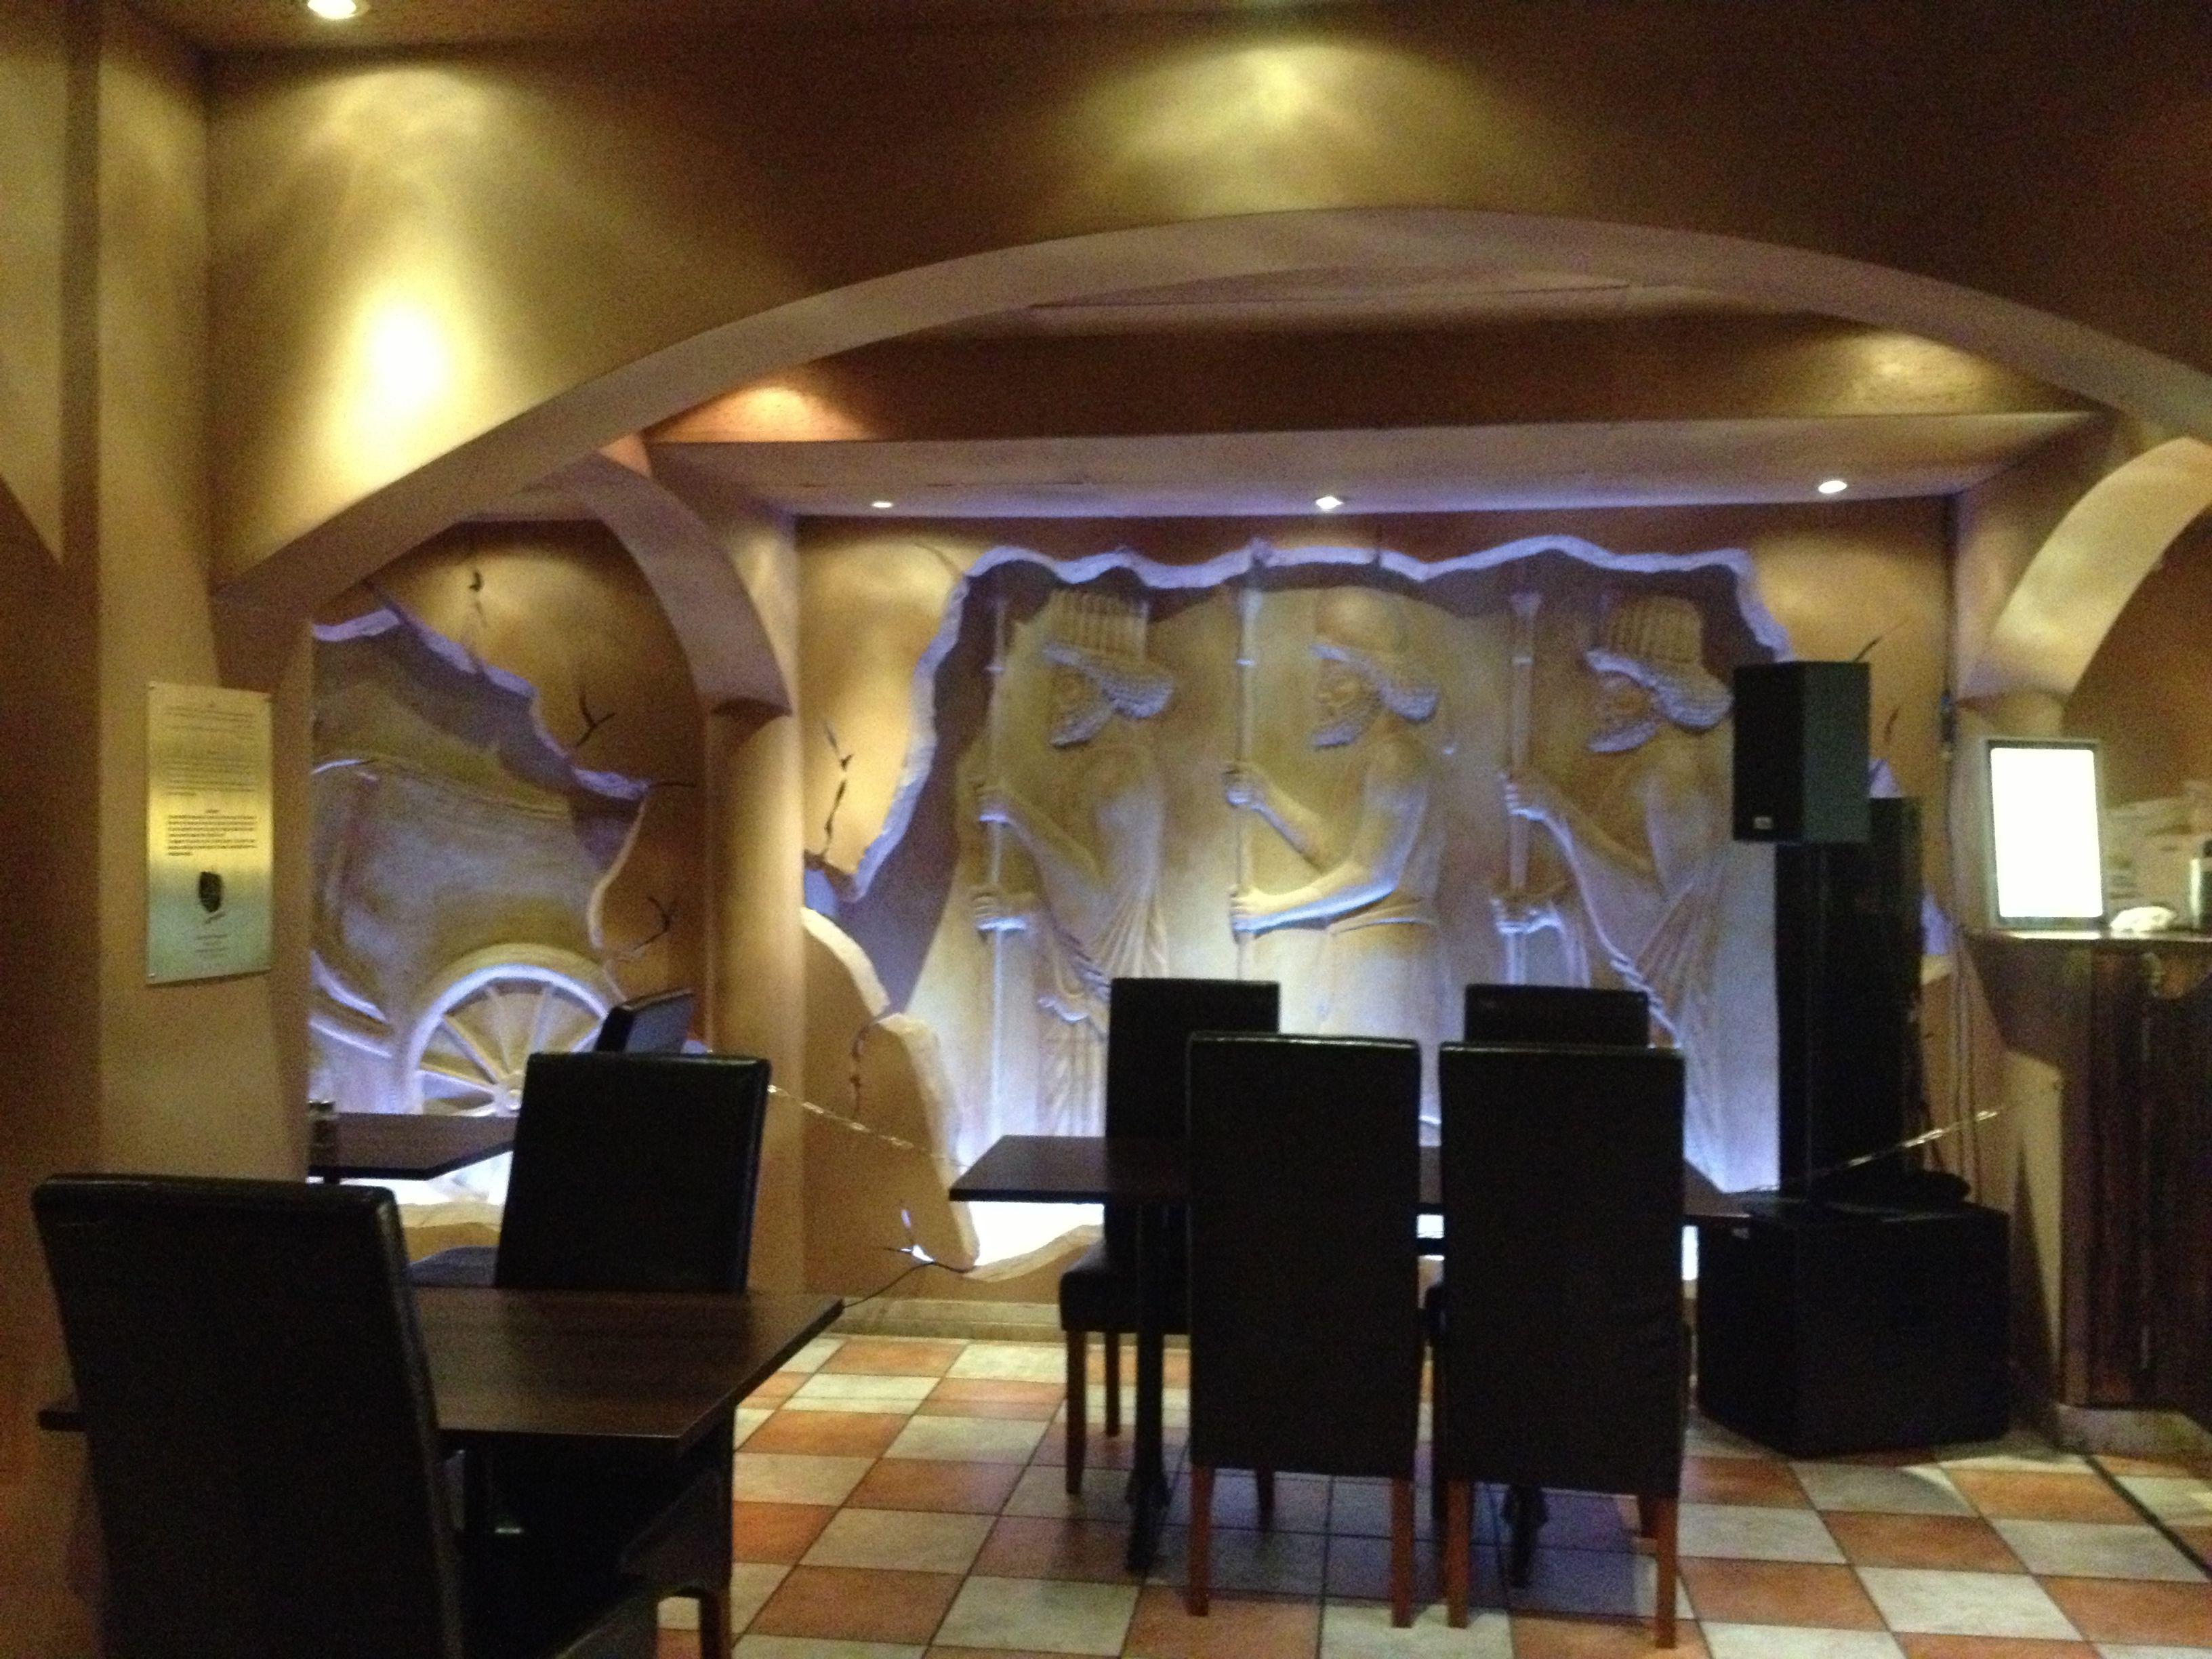 Restaurang Vanak